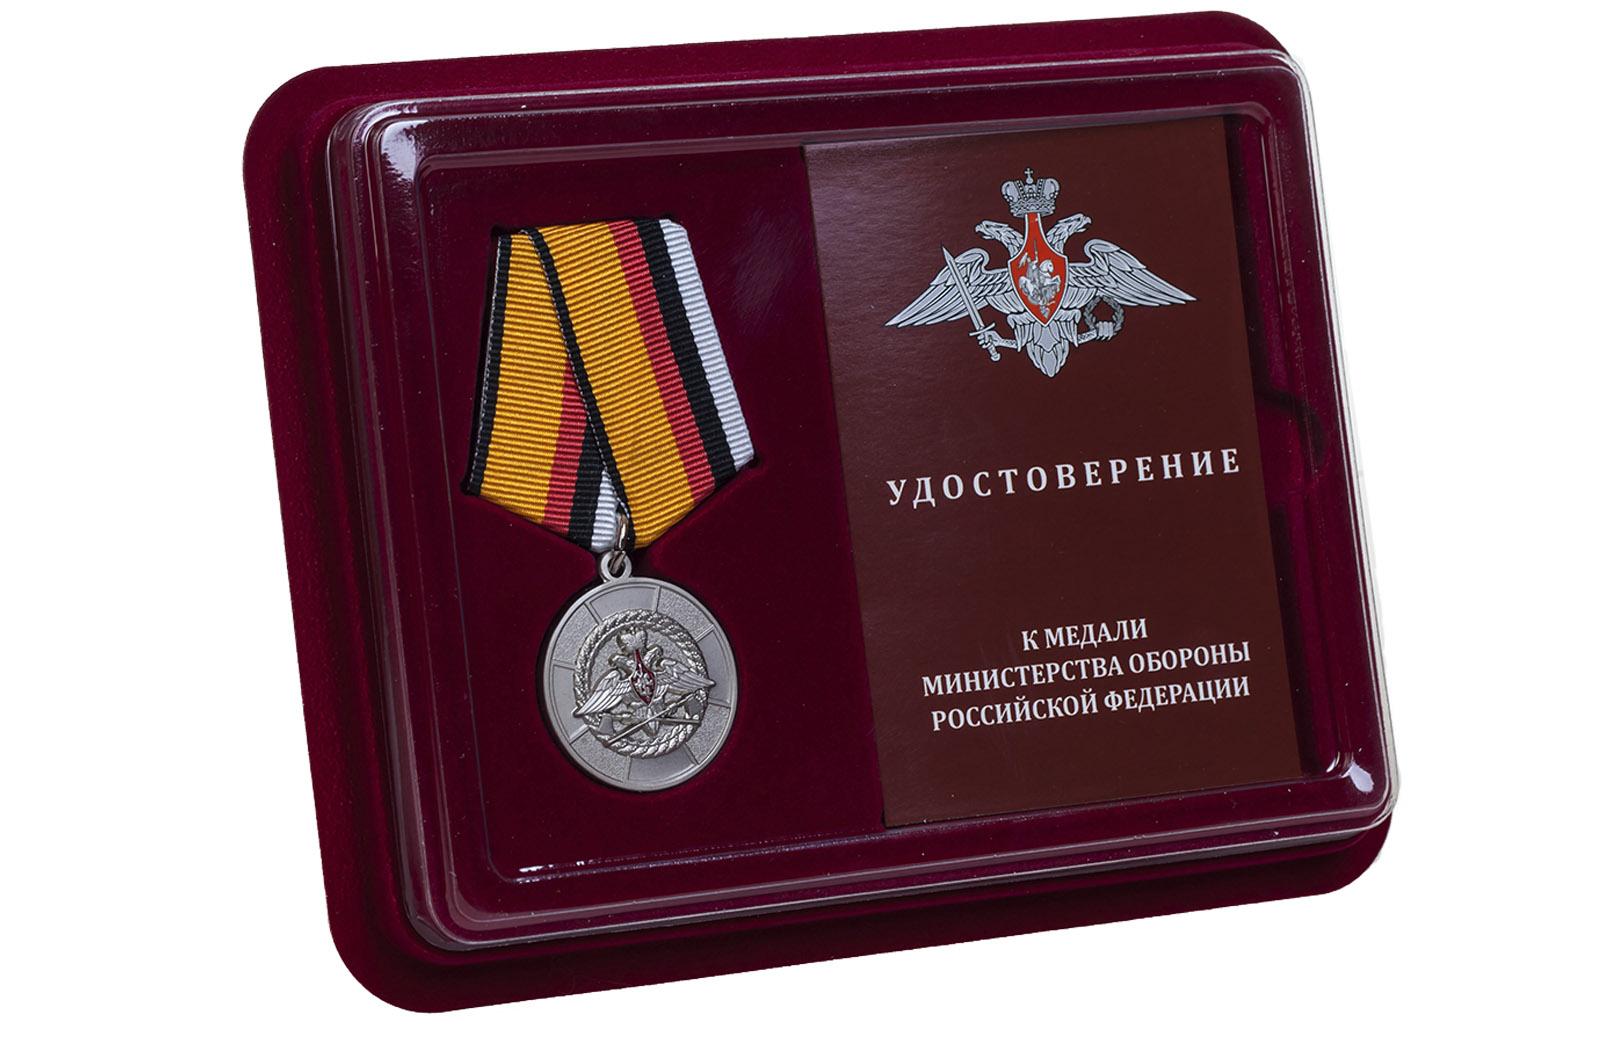 Купить медаль МО РФ За усердие при выполнении задач инженерного обеспечения онлайн выгодно